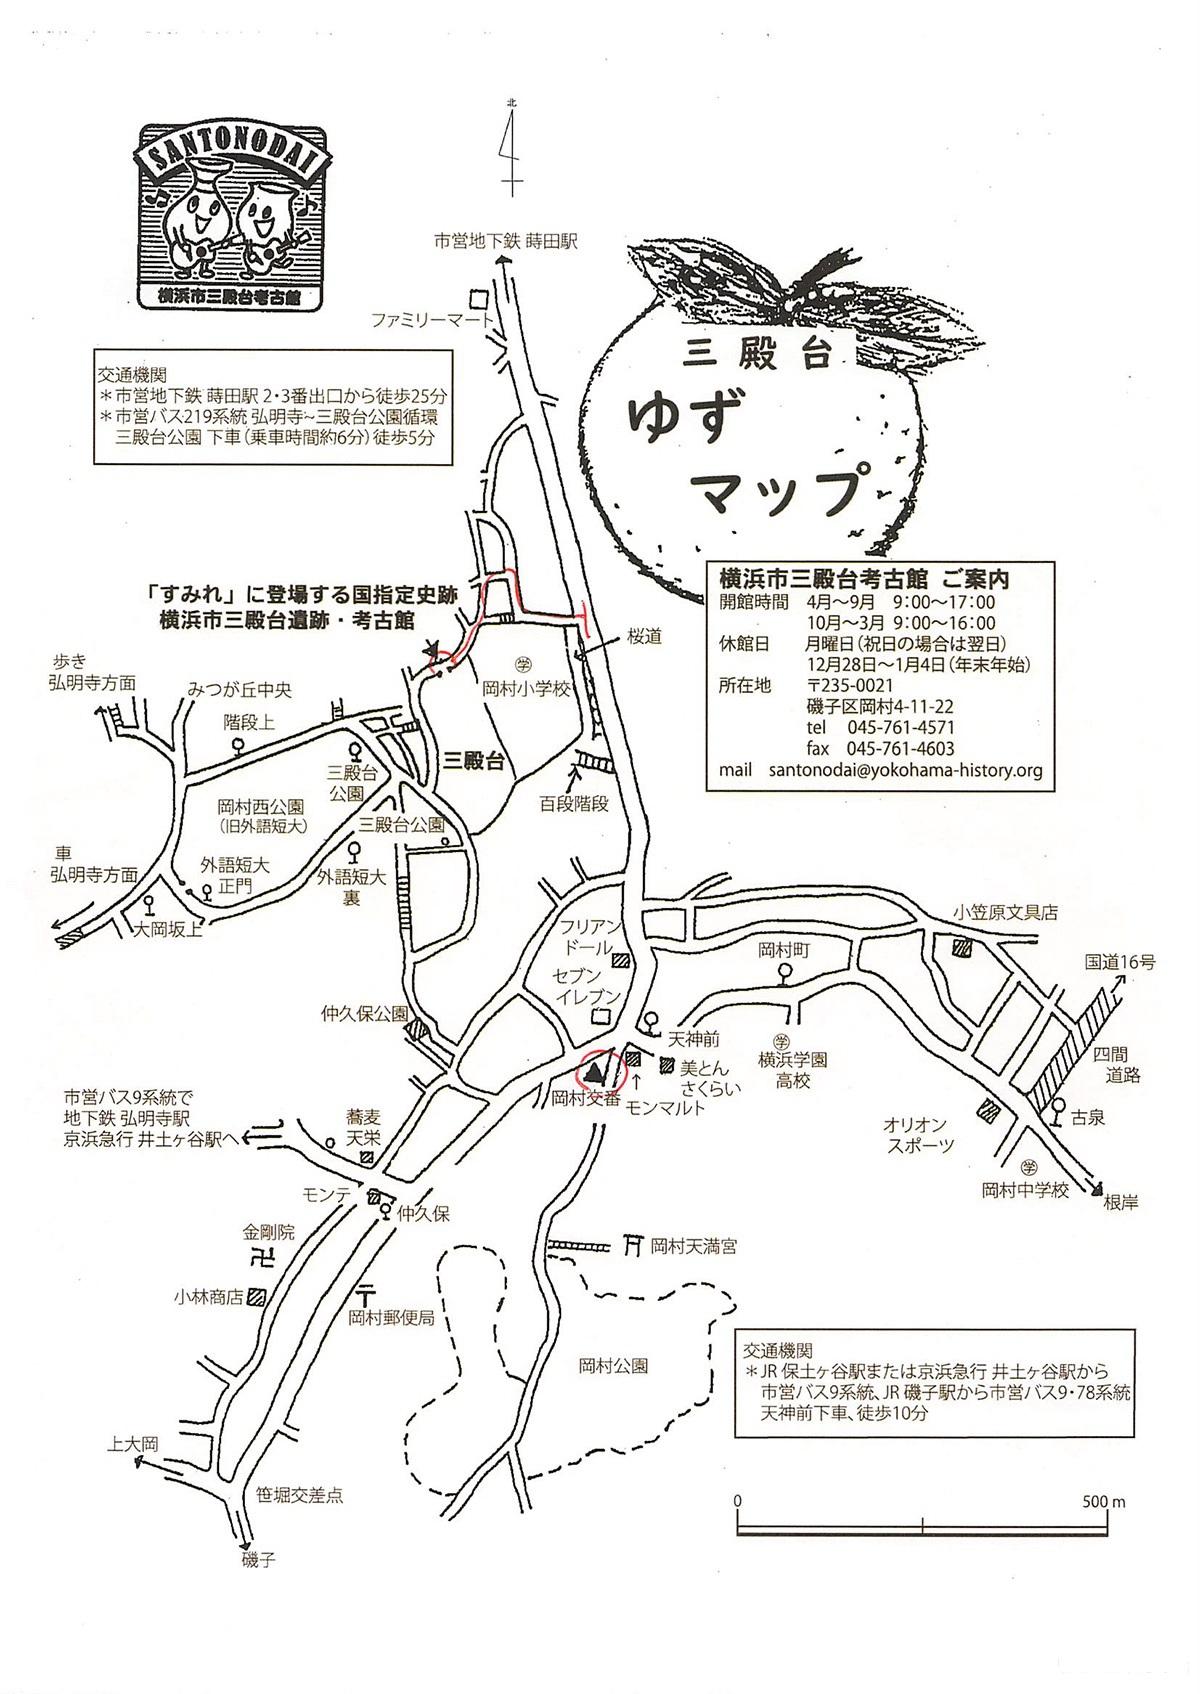 ゆずマップ